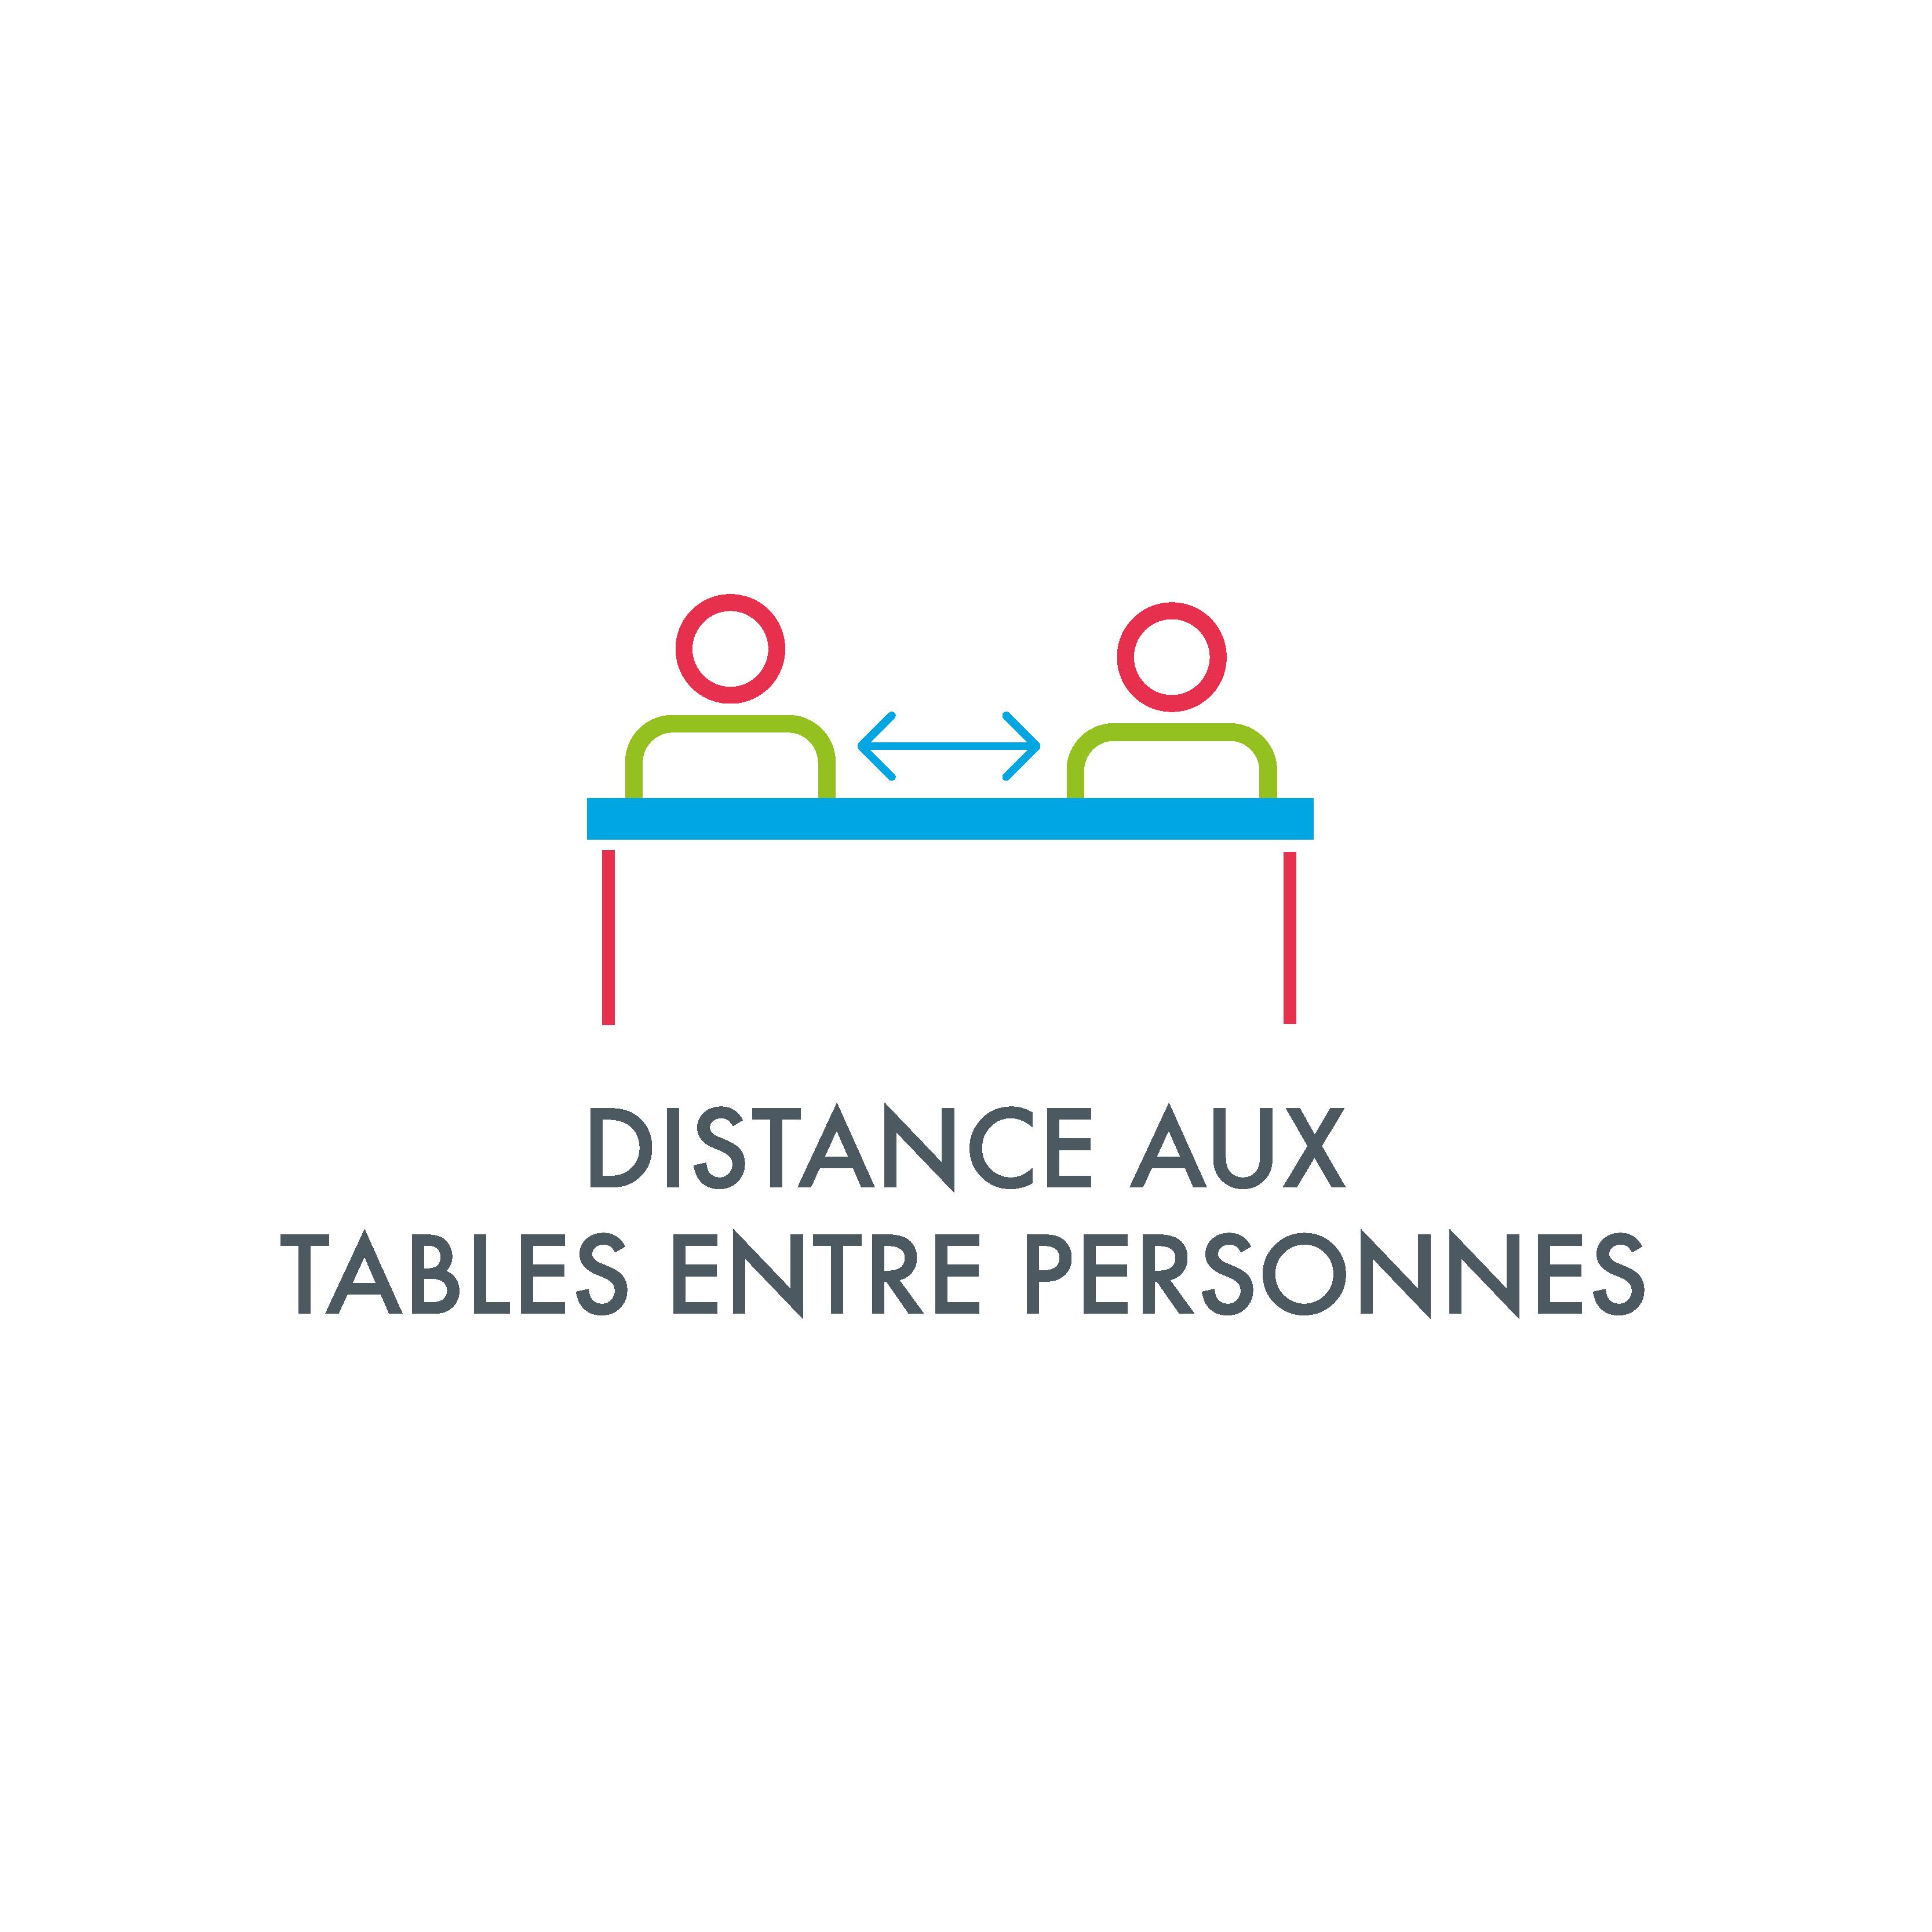 Distance_aux_tables_entre personnes